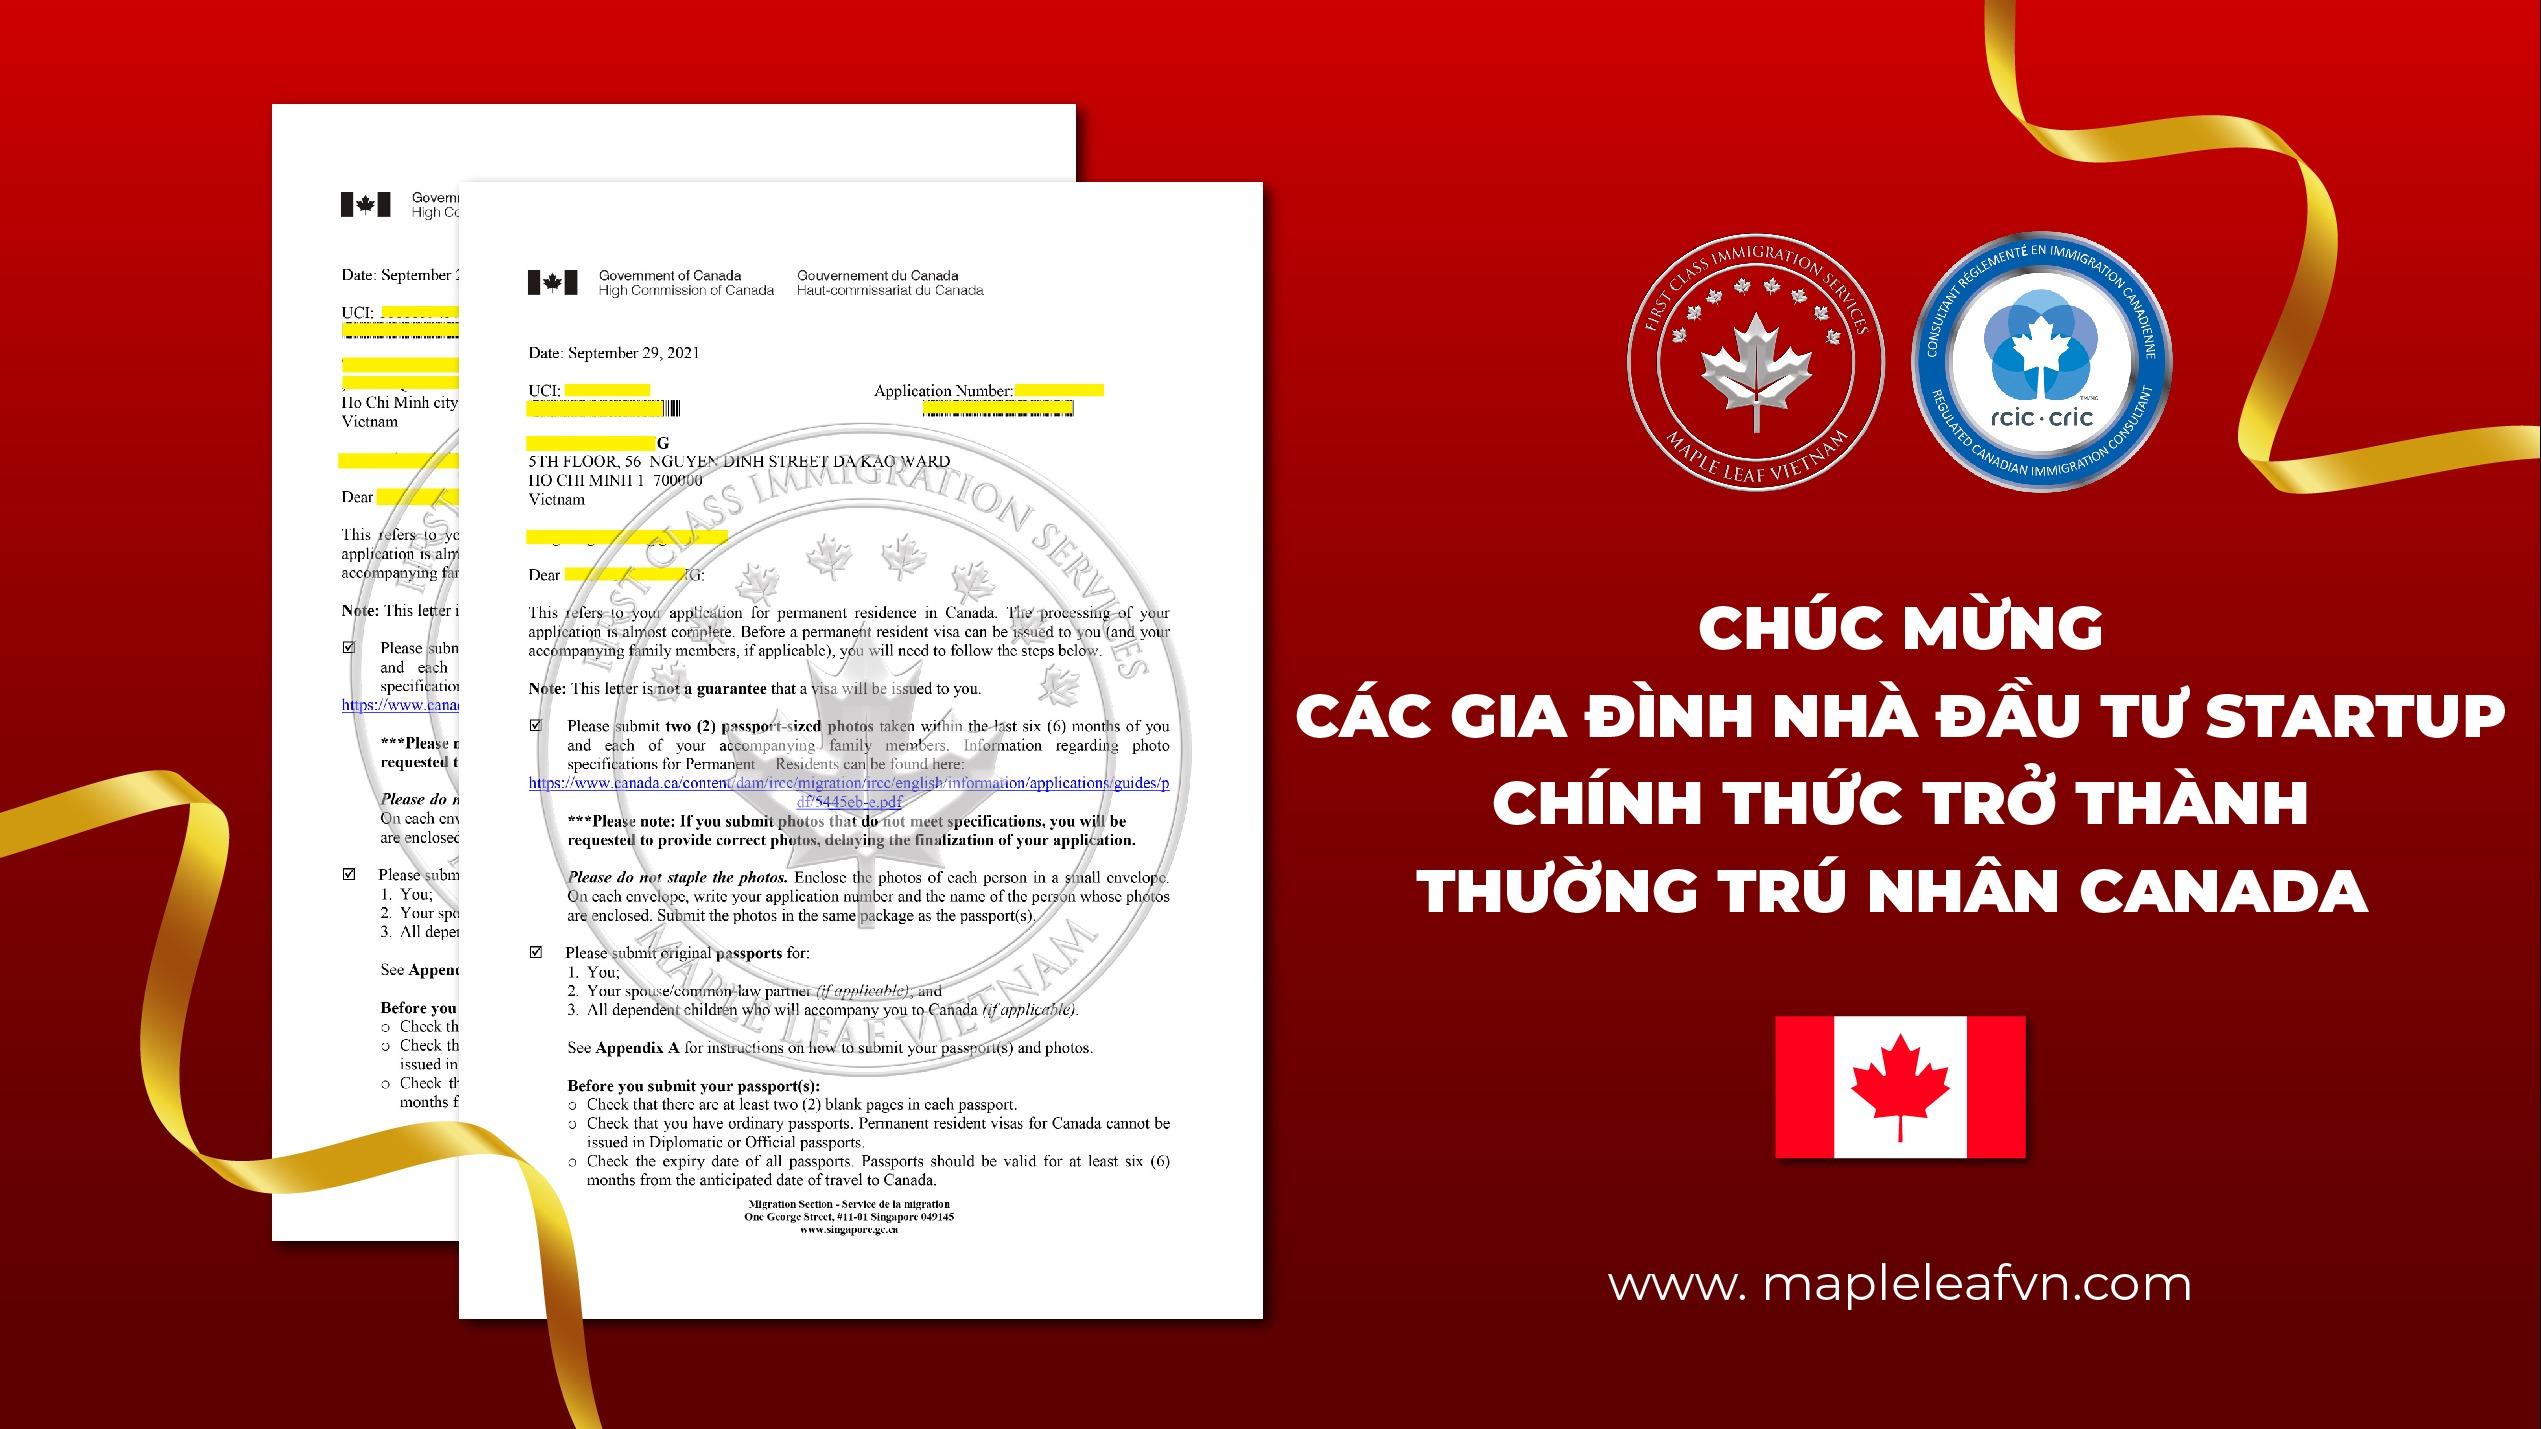 chuc-mung-cac-gia-dinh-nha-dau-tu-startup-chinh-thuc-tro-thanh-thuong-tru-nhan-canada